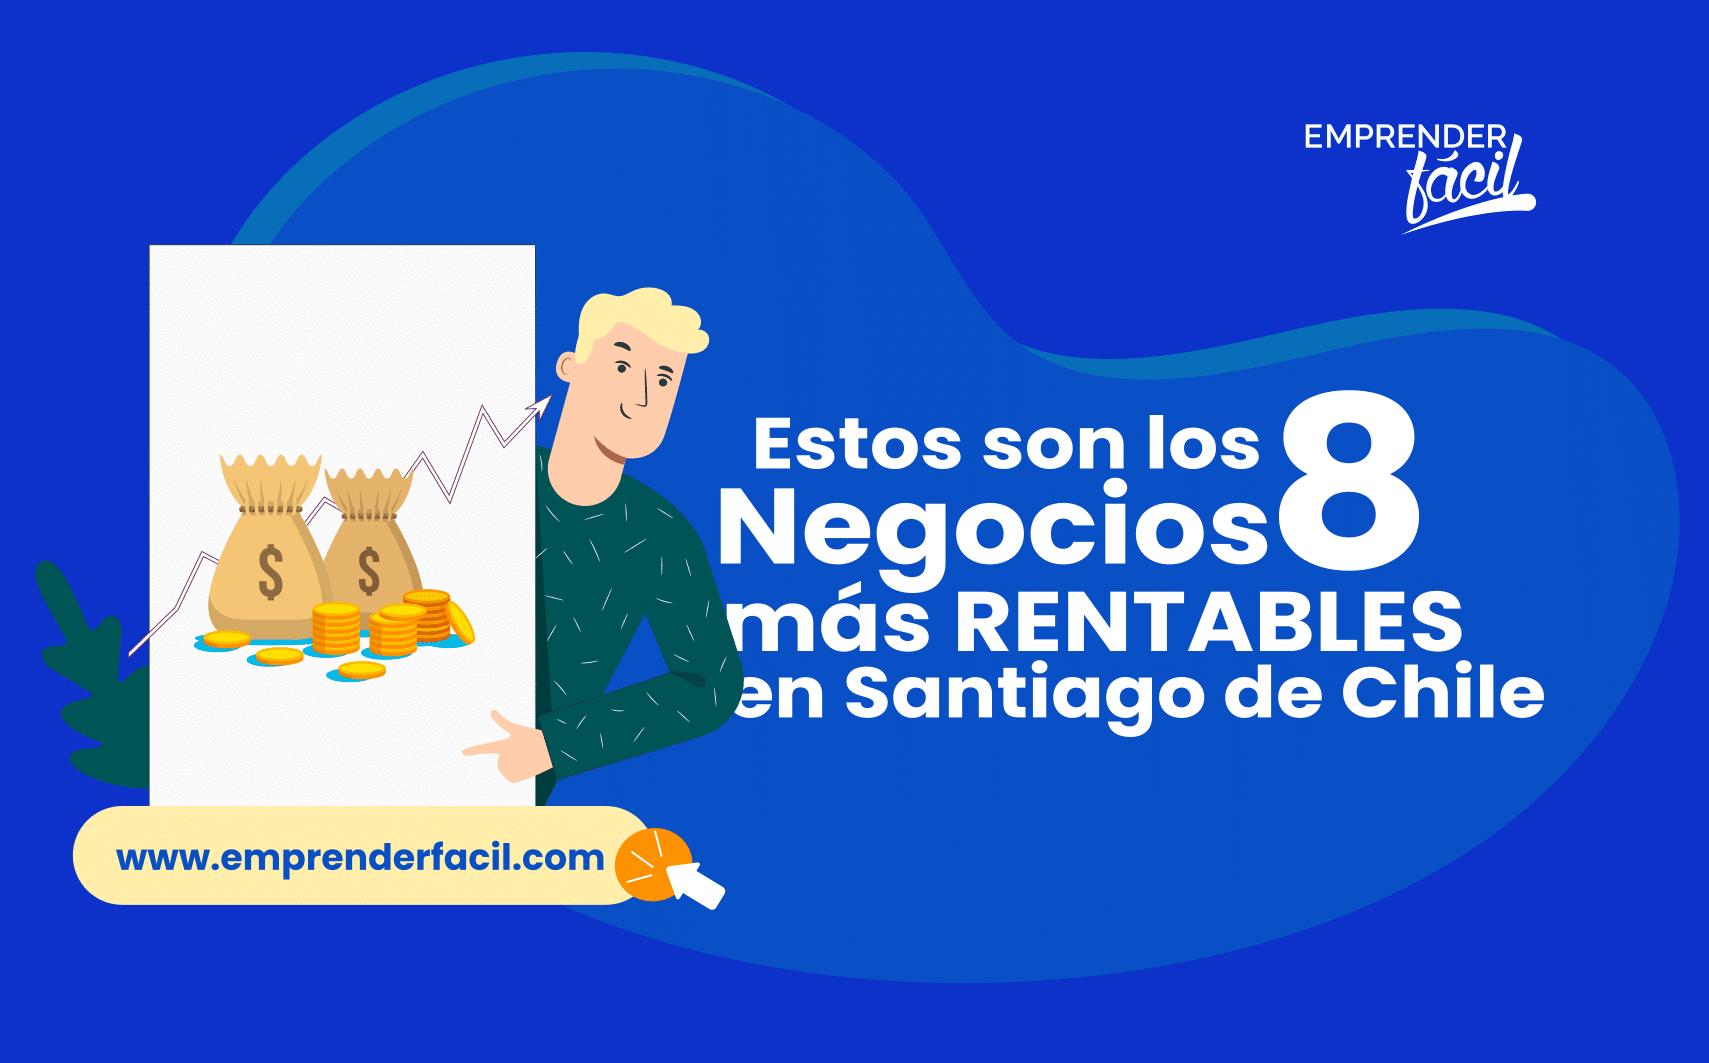 8 negocios rentables en Santiago de Chile